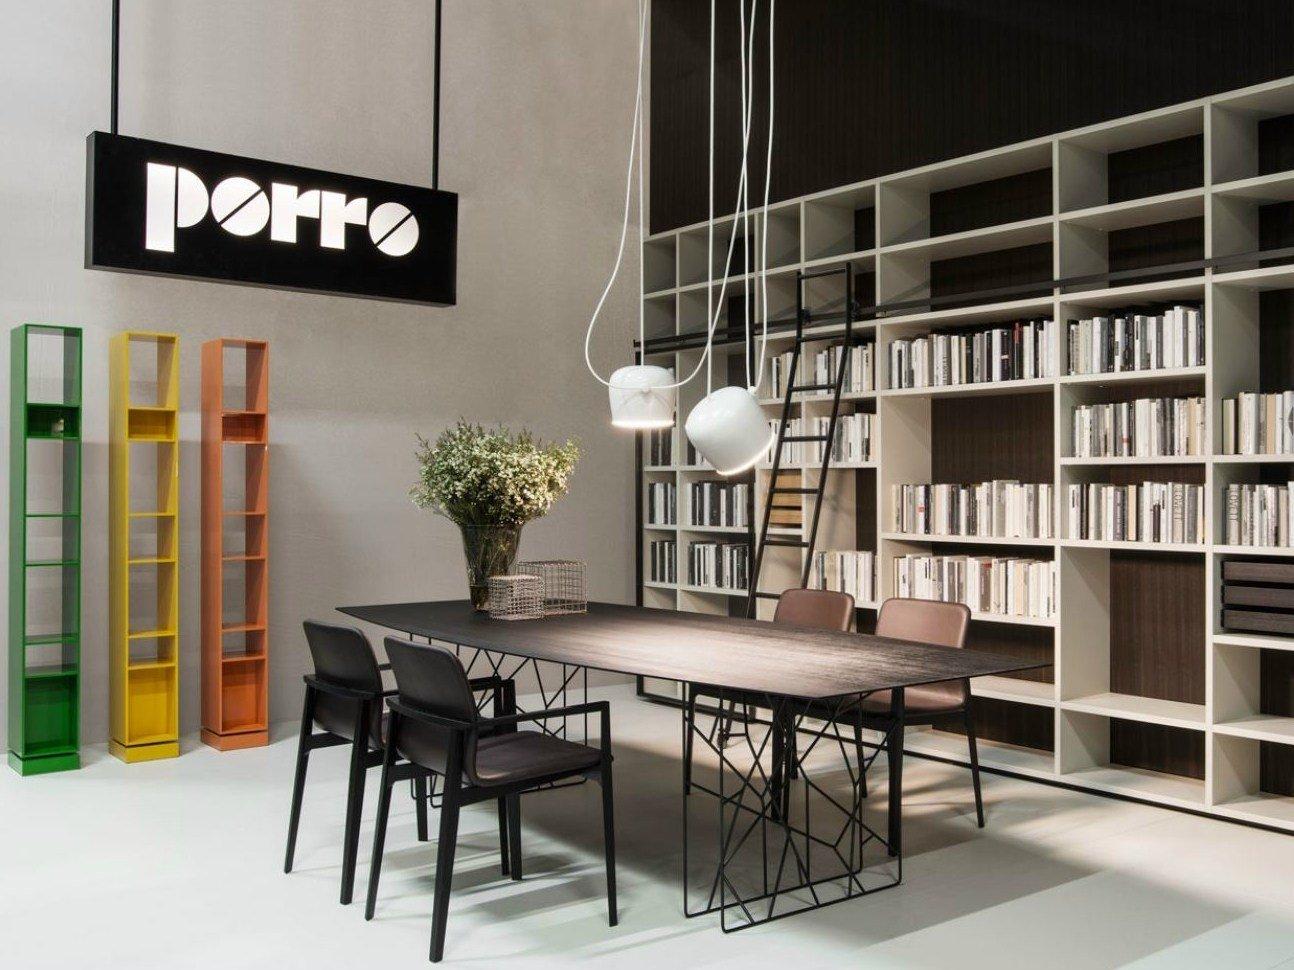 Gallery of arredare ufficio in casa le proposte porro per for Porro arredamenti biassono